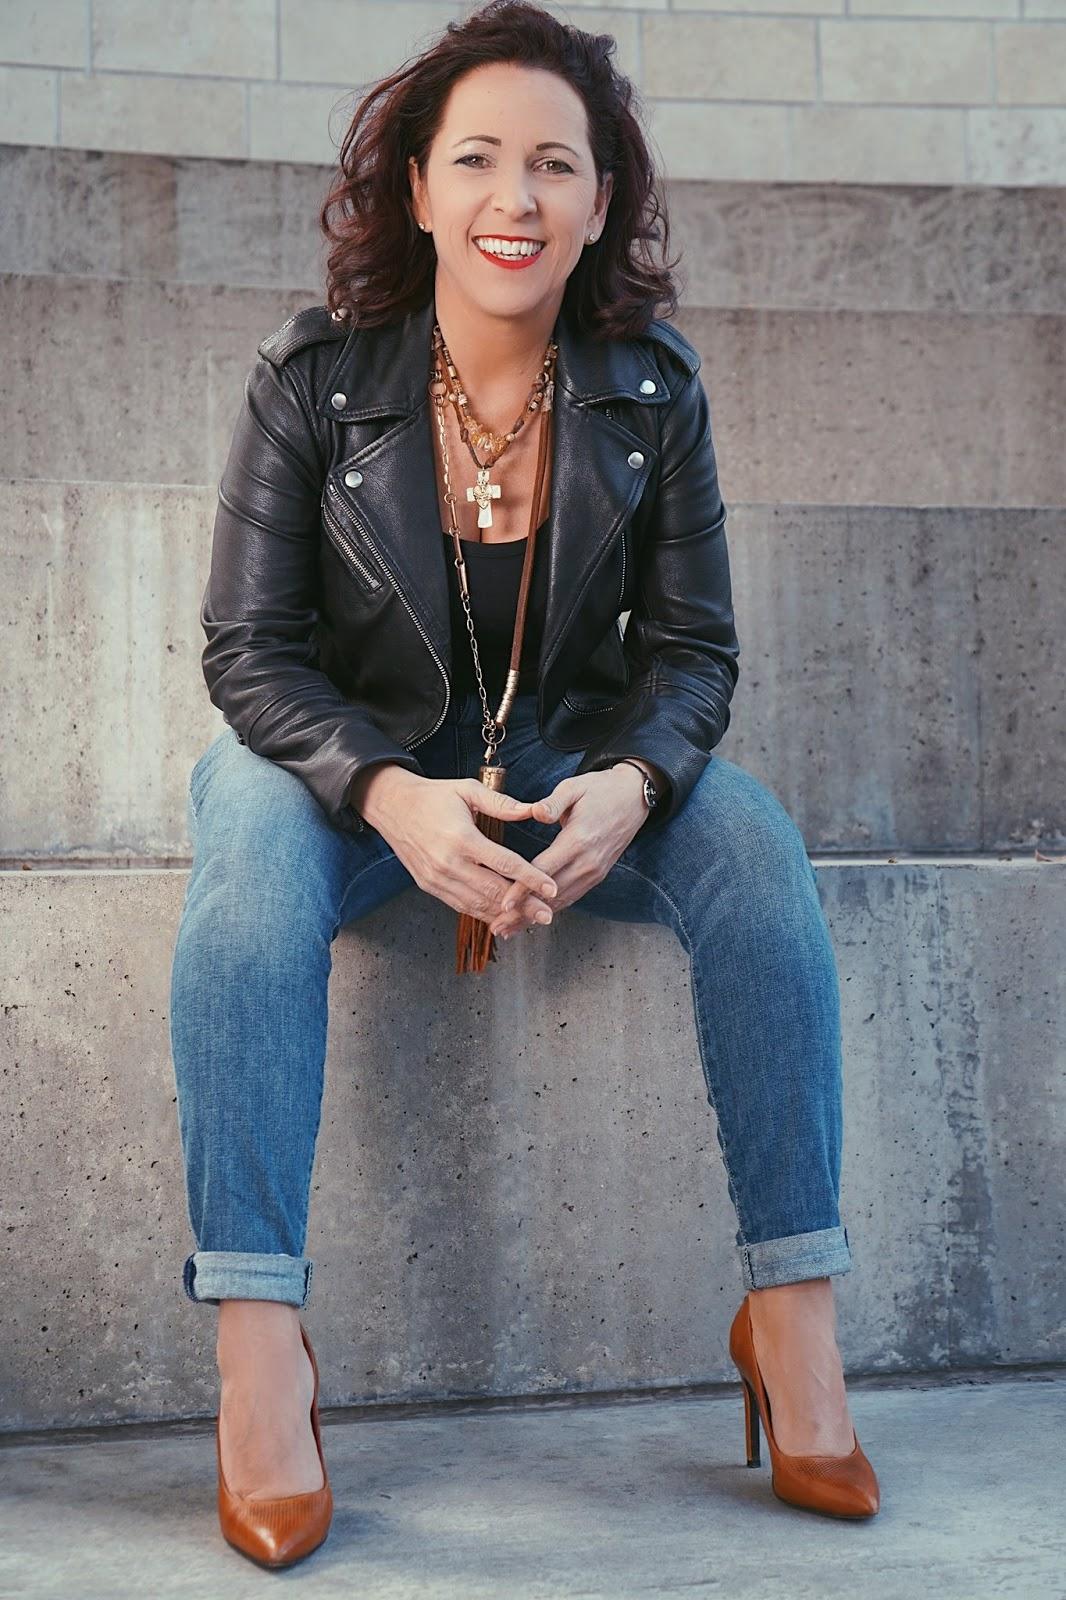 Julia Pompa